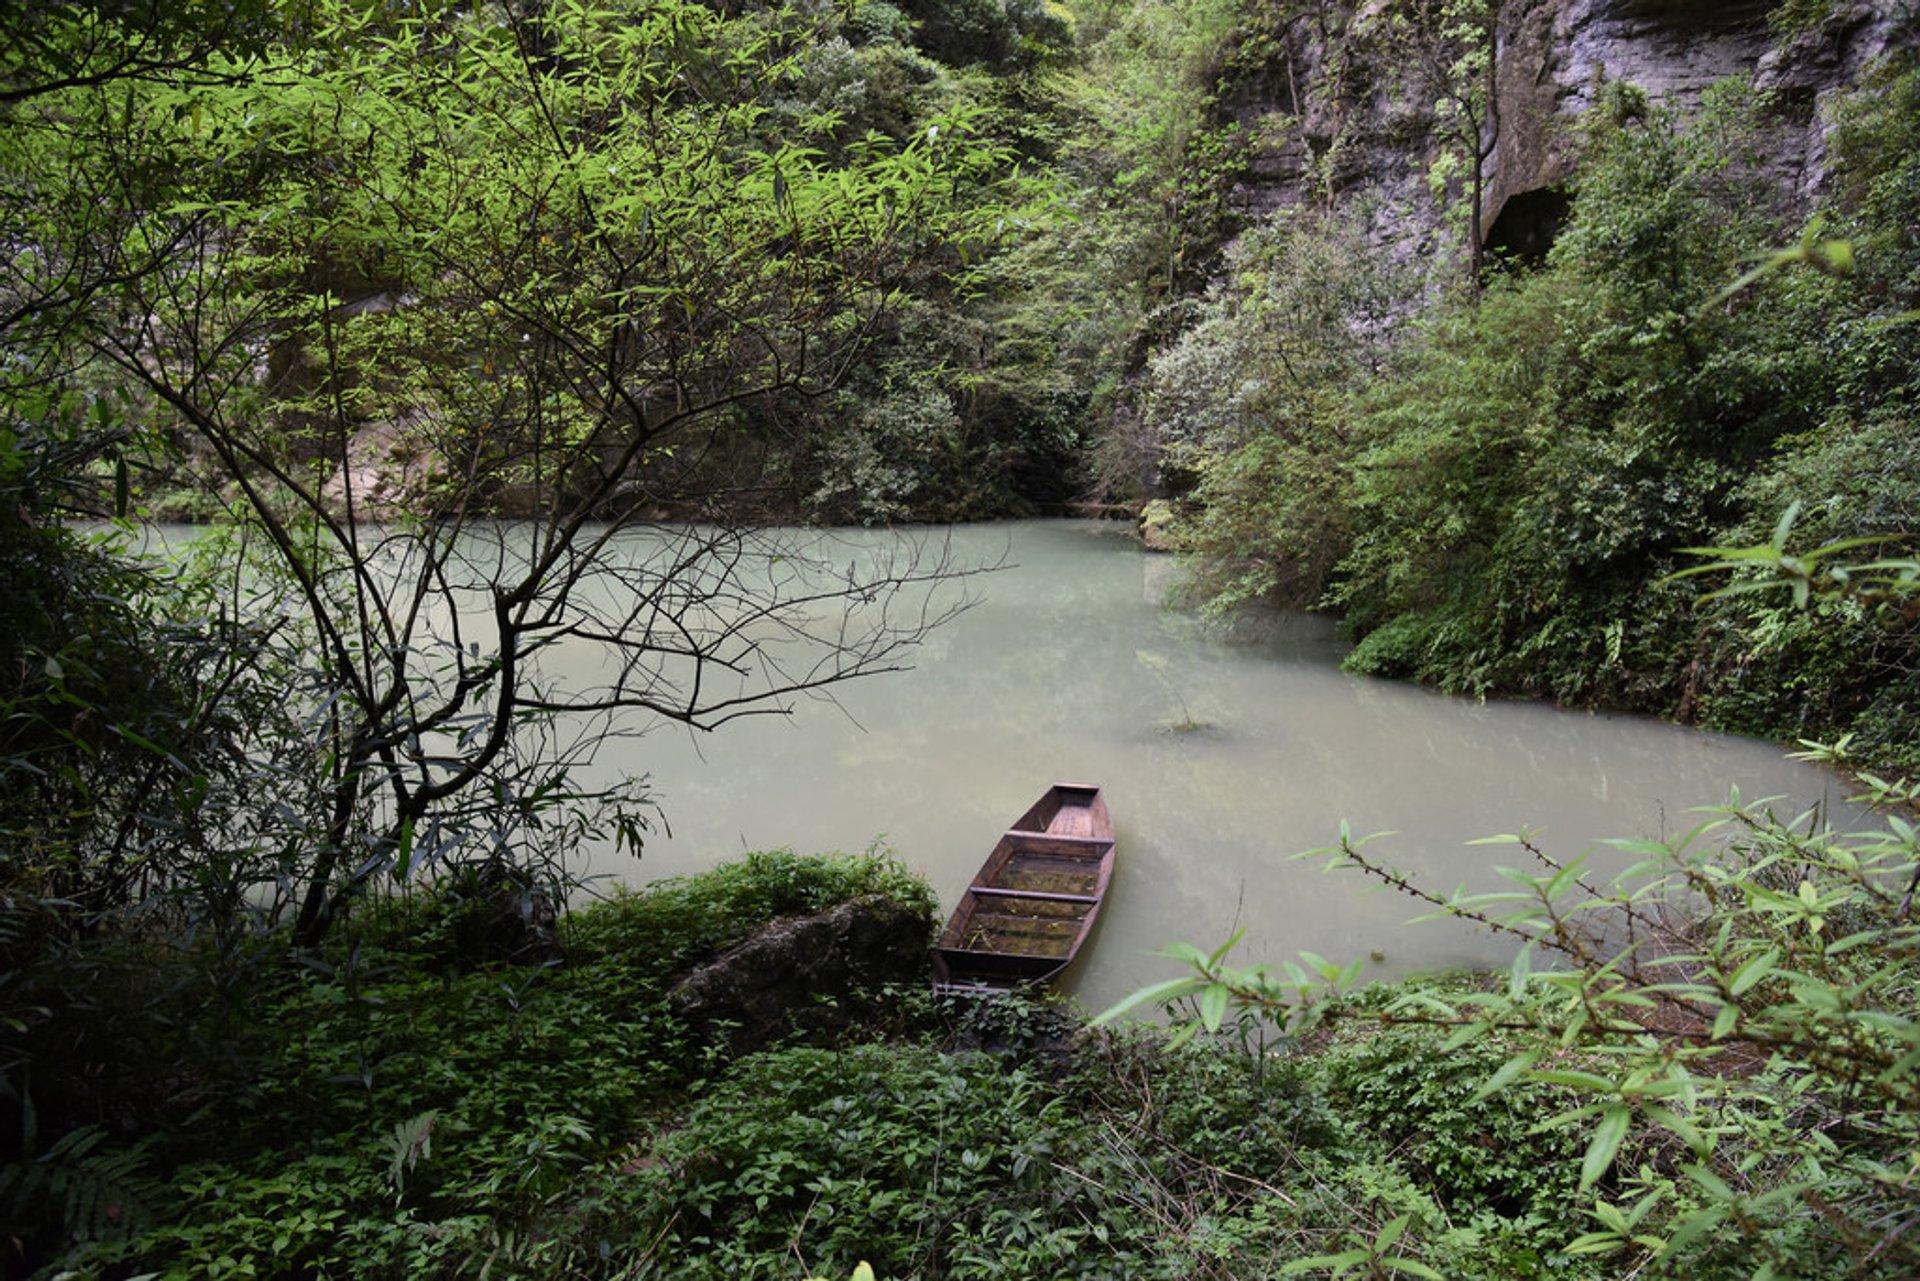 پارک ملی جنگلی ژانگجیاجی